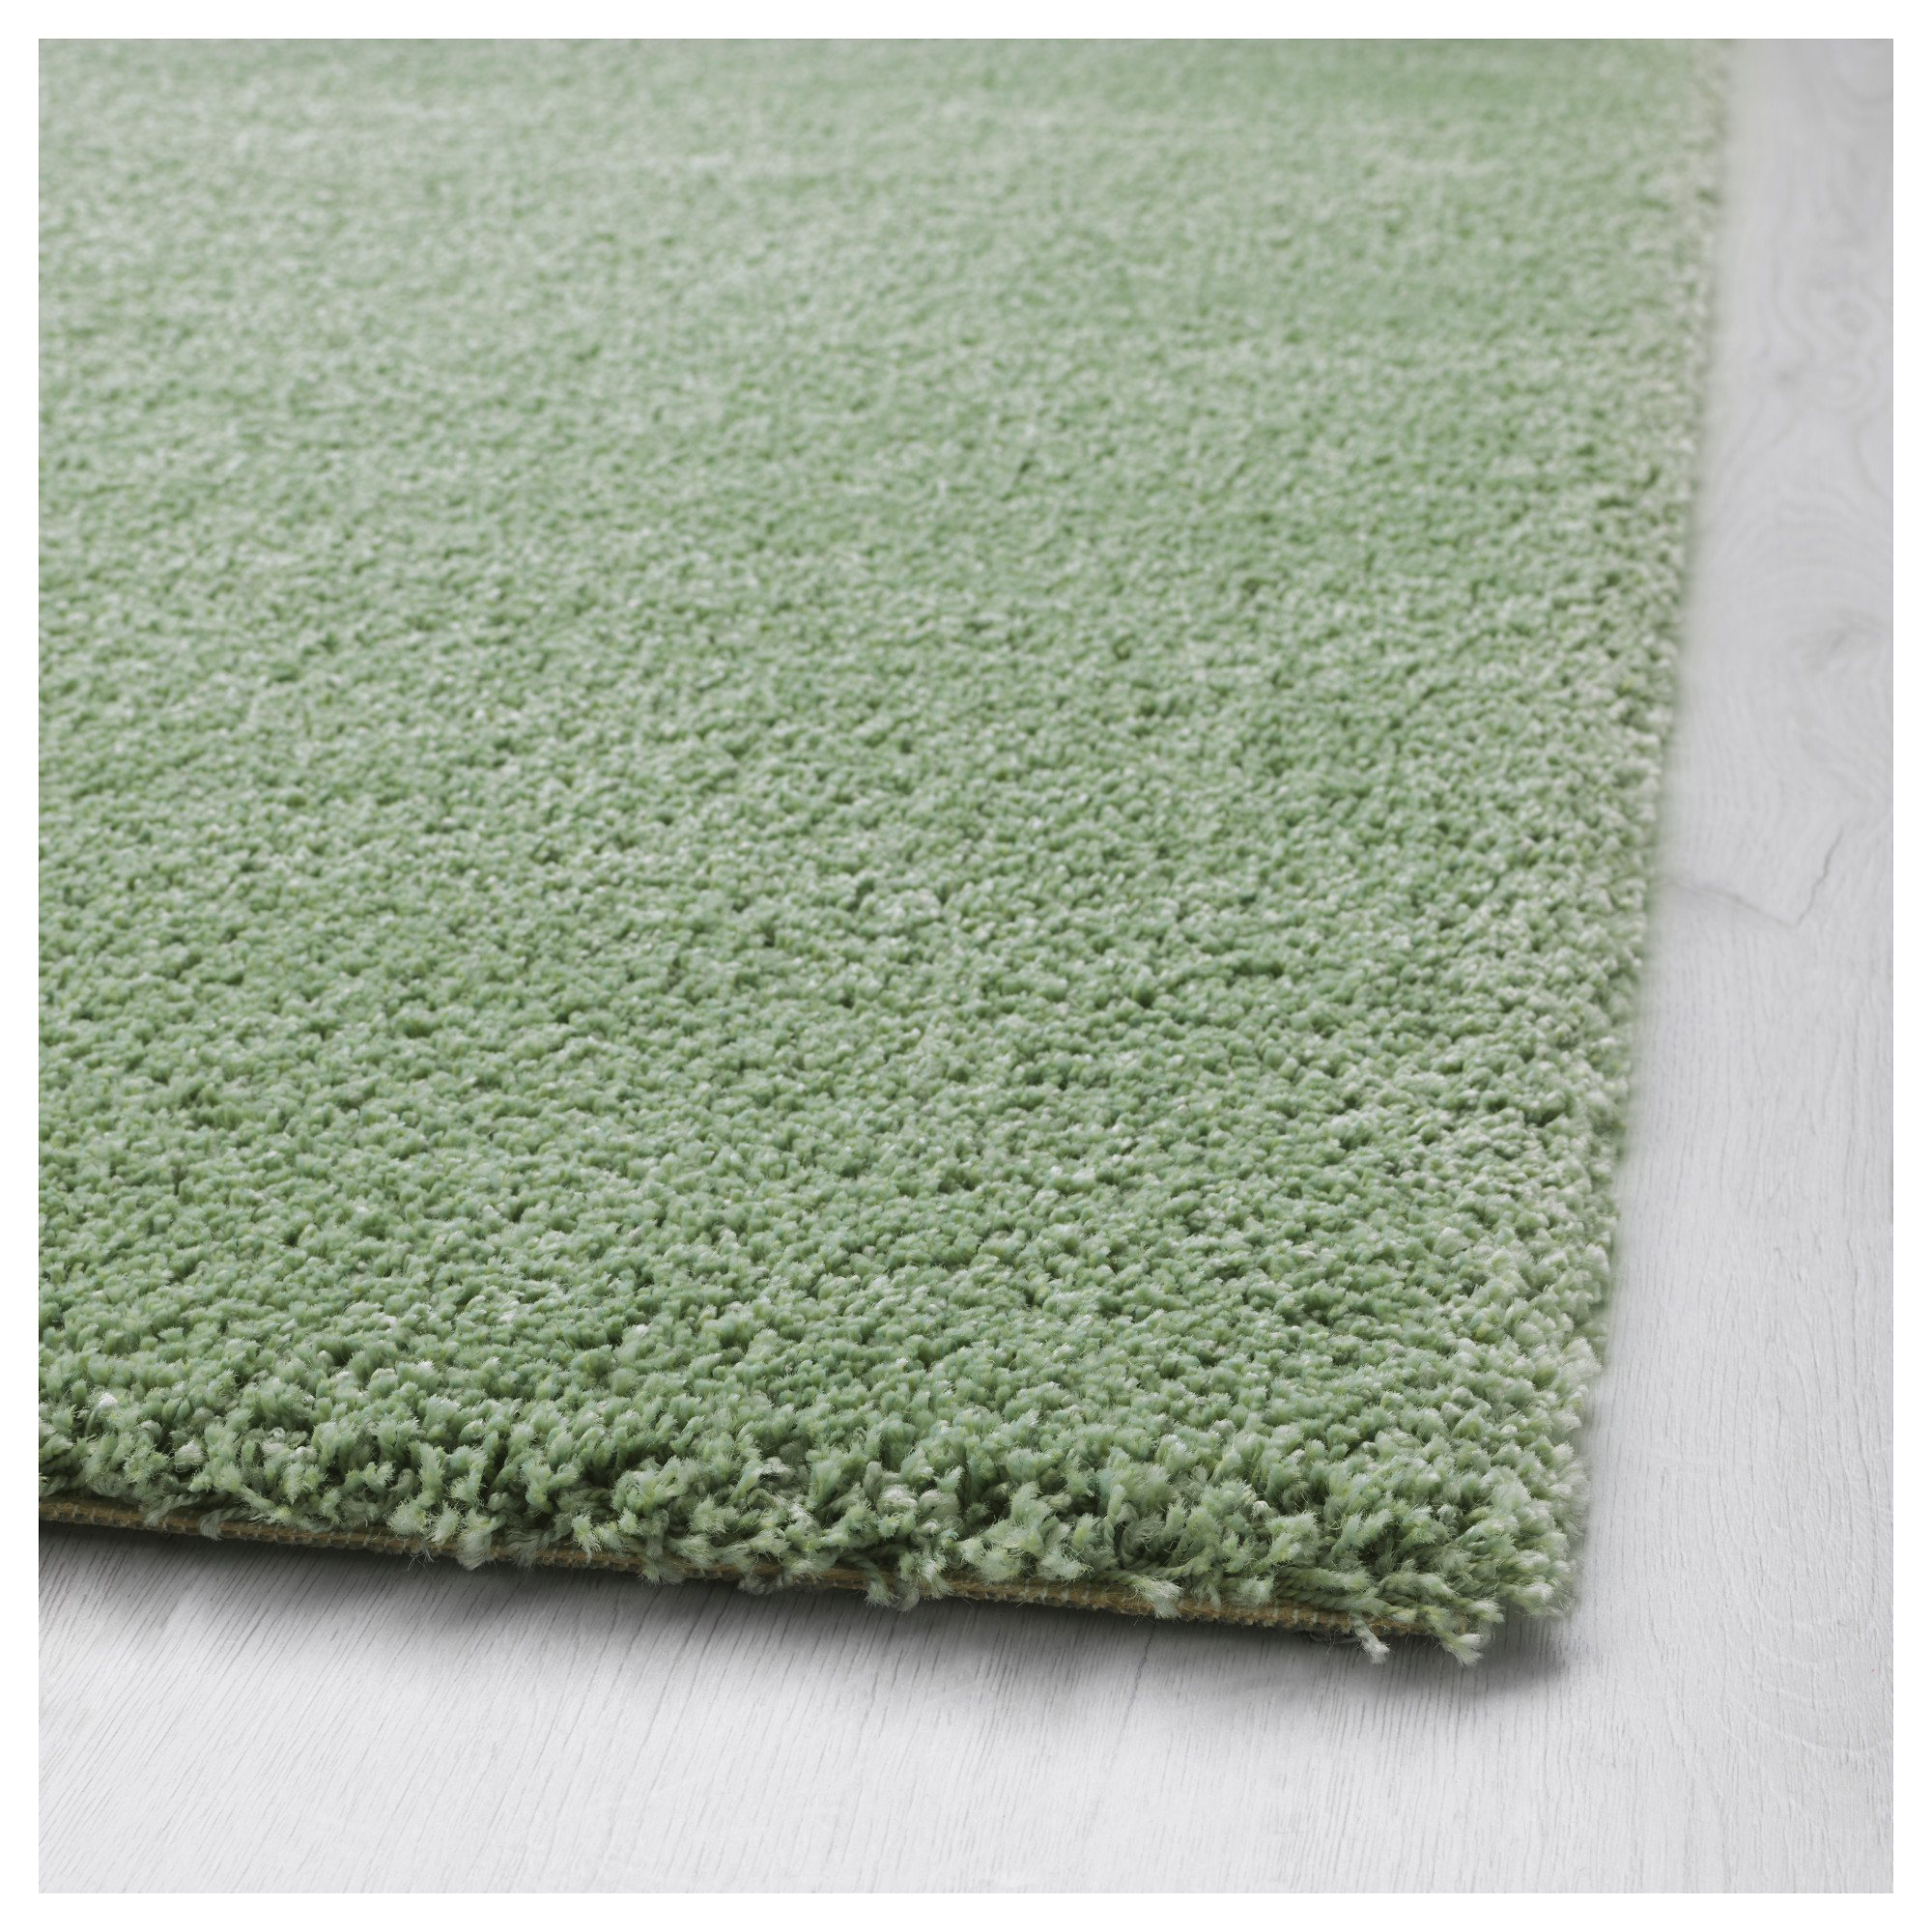 Teppich Langflor ådum Hellgrün Ikea Rug Ikea Carpet Decor